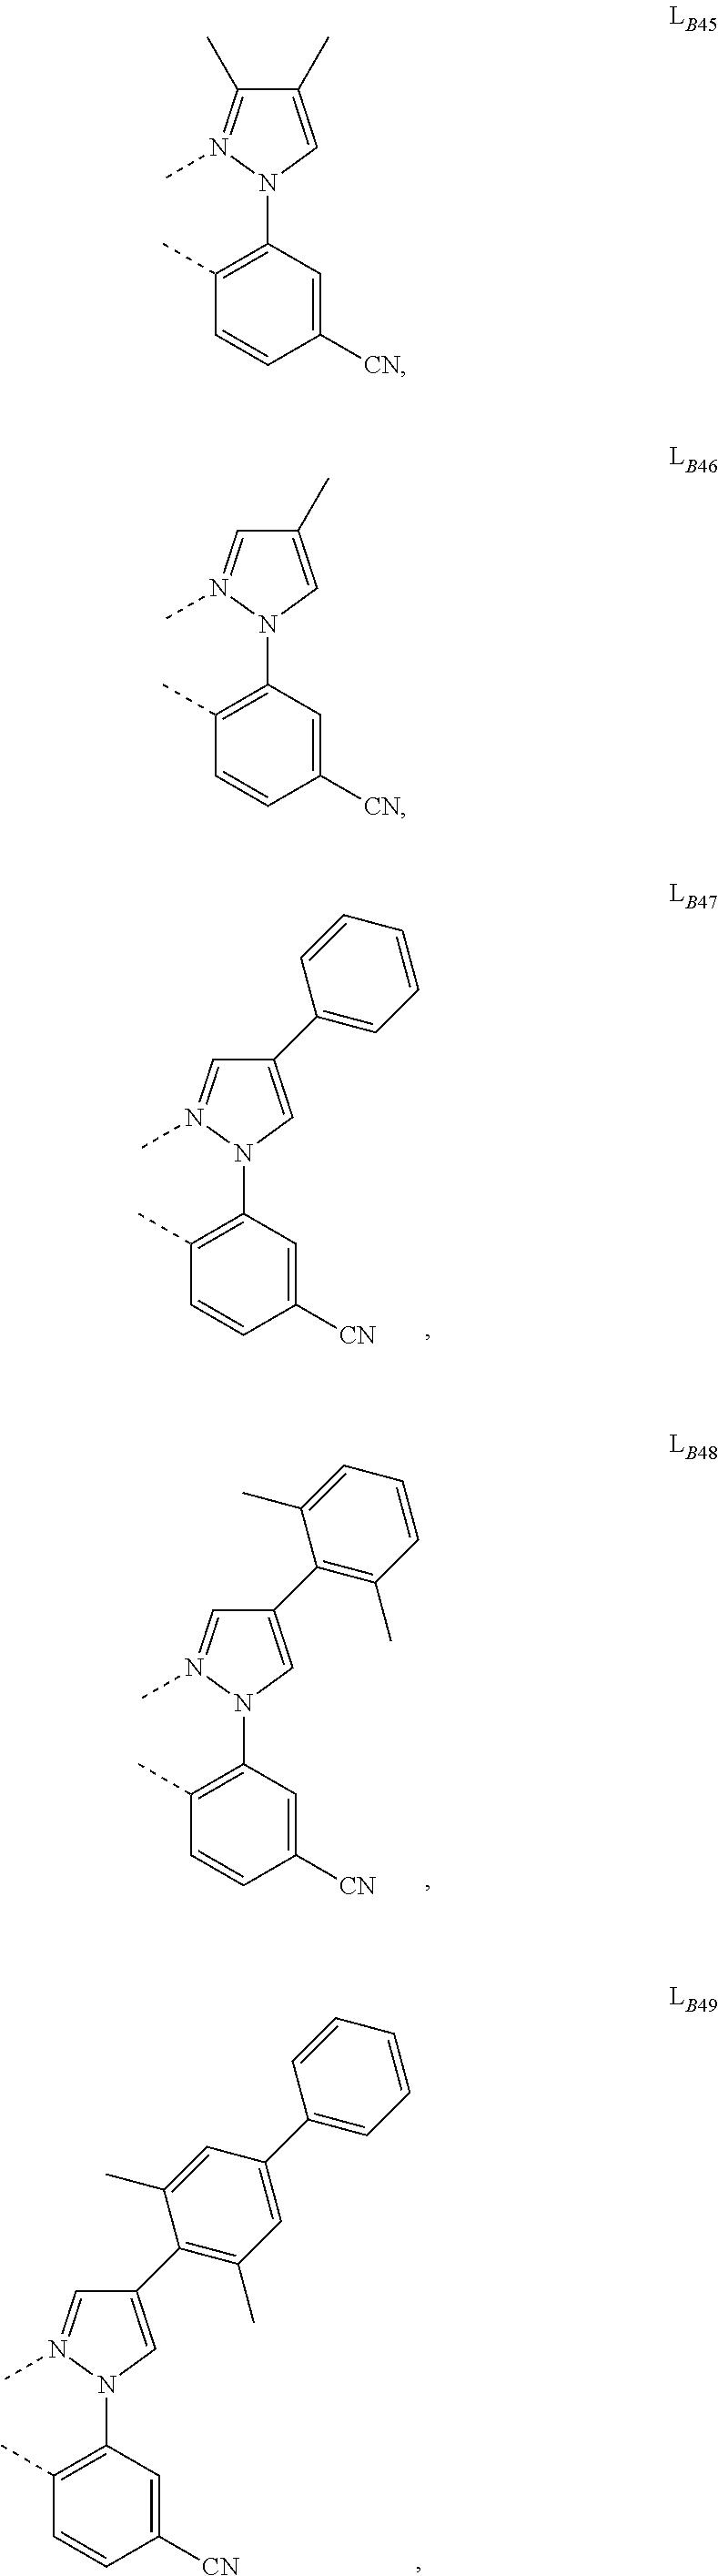 Figure US09905785-20180227-C00567